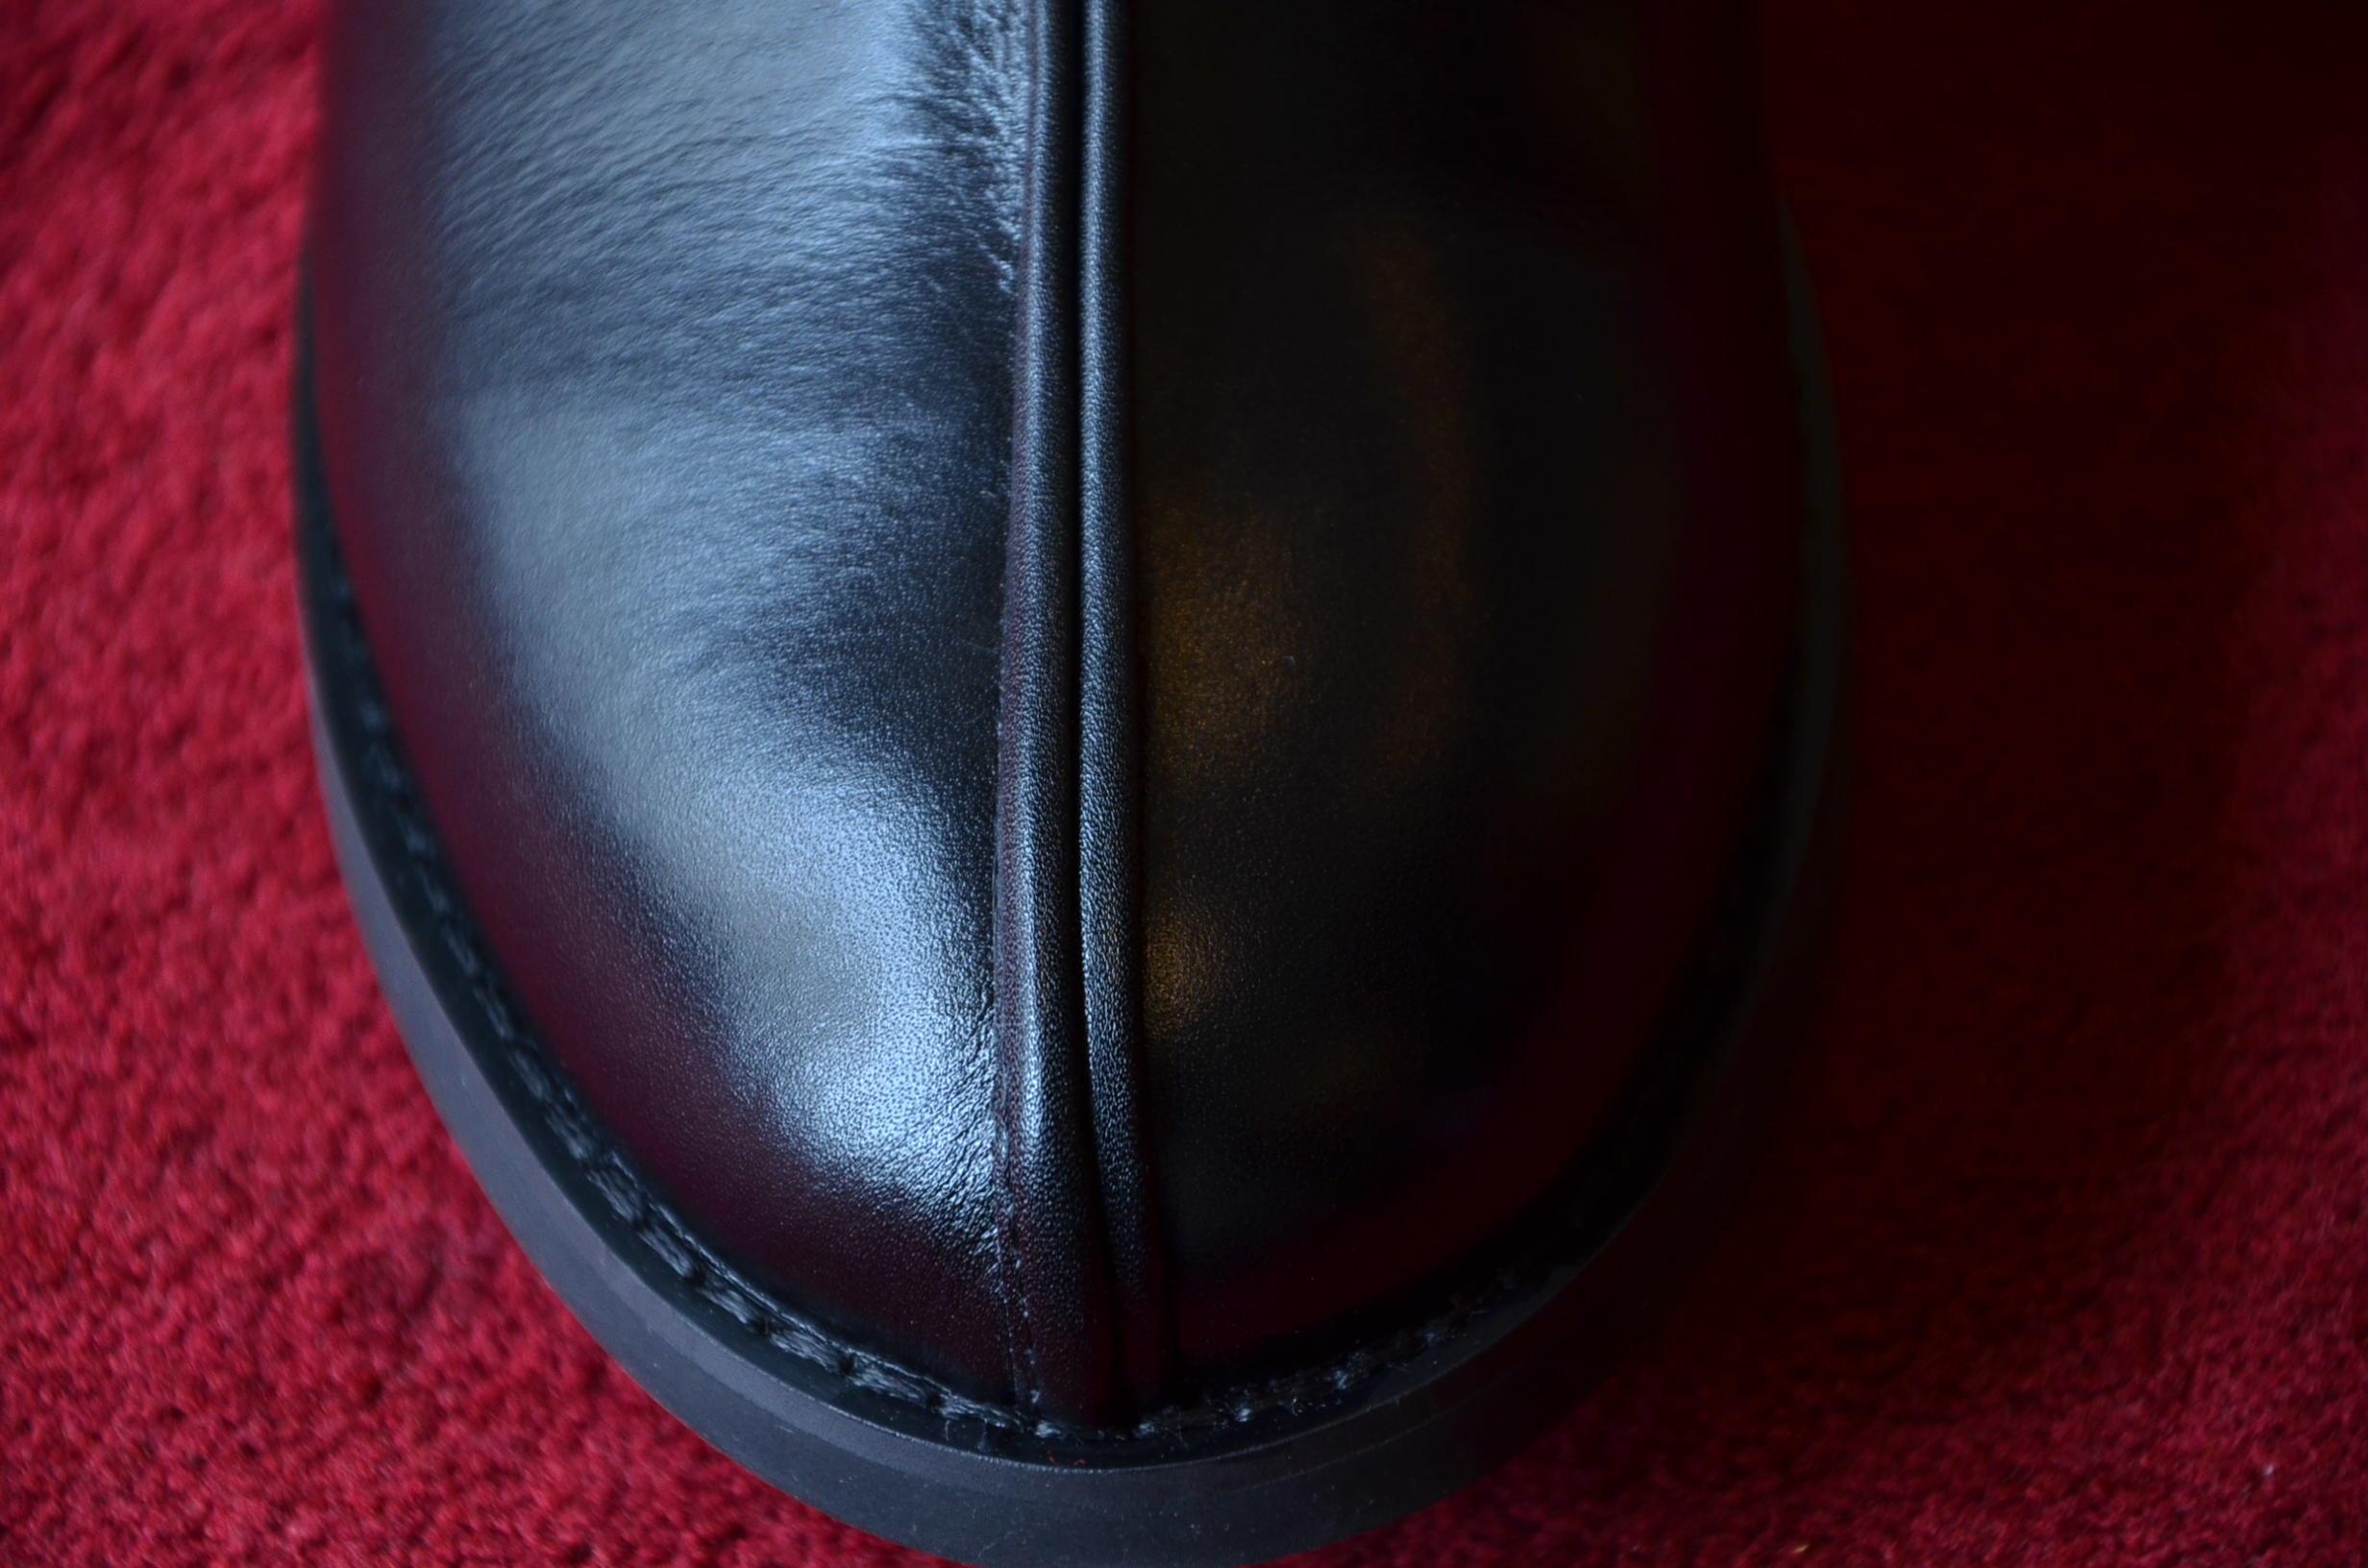 シーンを選ばずいつでも履ける、革靴です。_c0167336_19444234.jpg